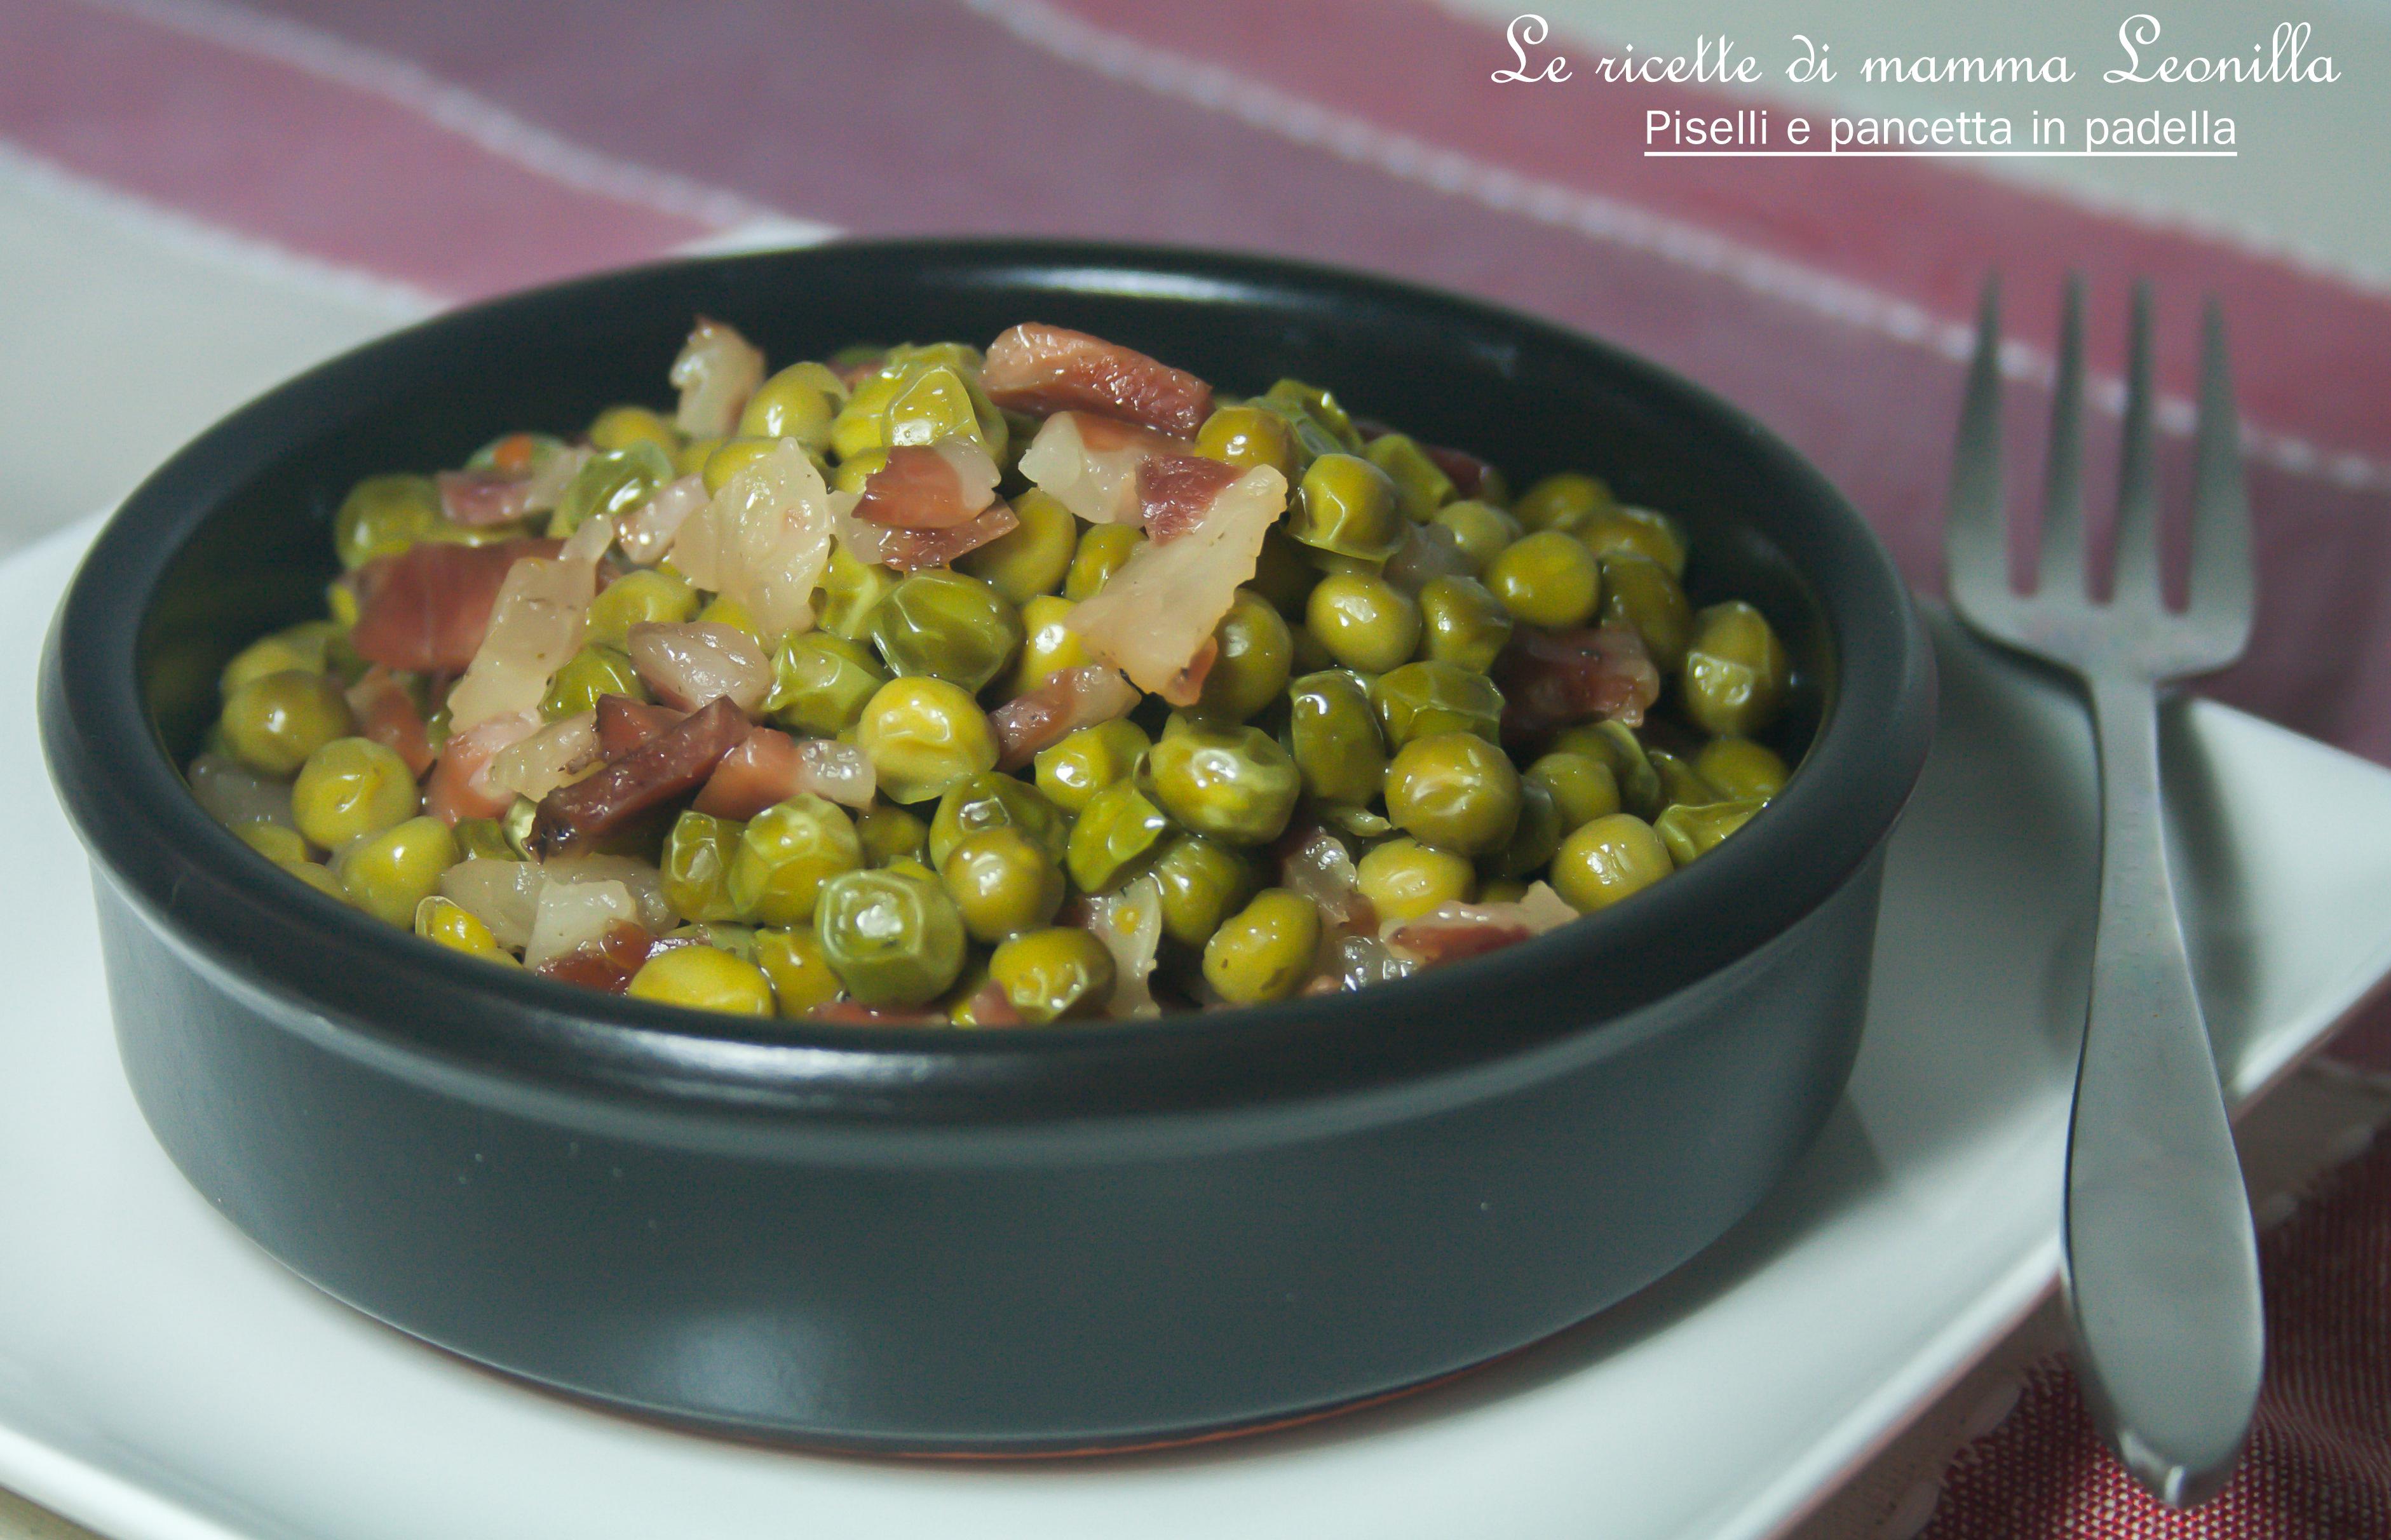 e pancetta in padella -ricetta contorno caldo - Come Cucinare I Porri In Padella